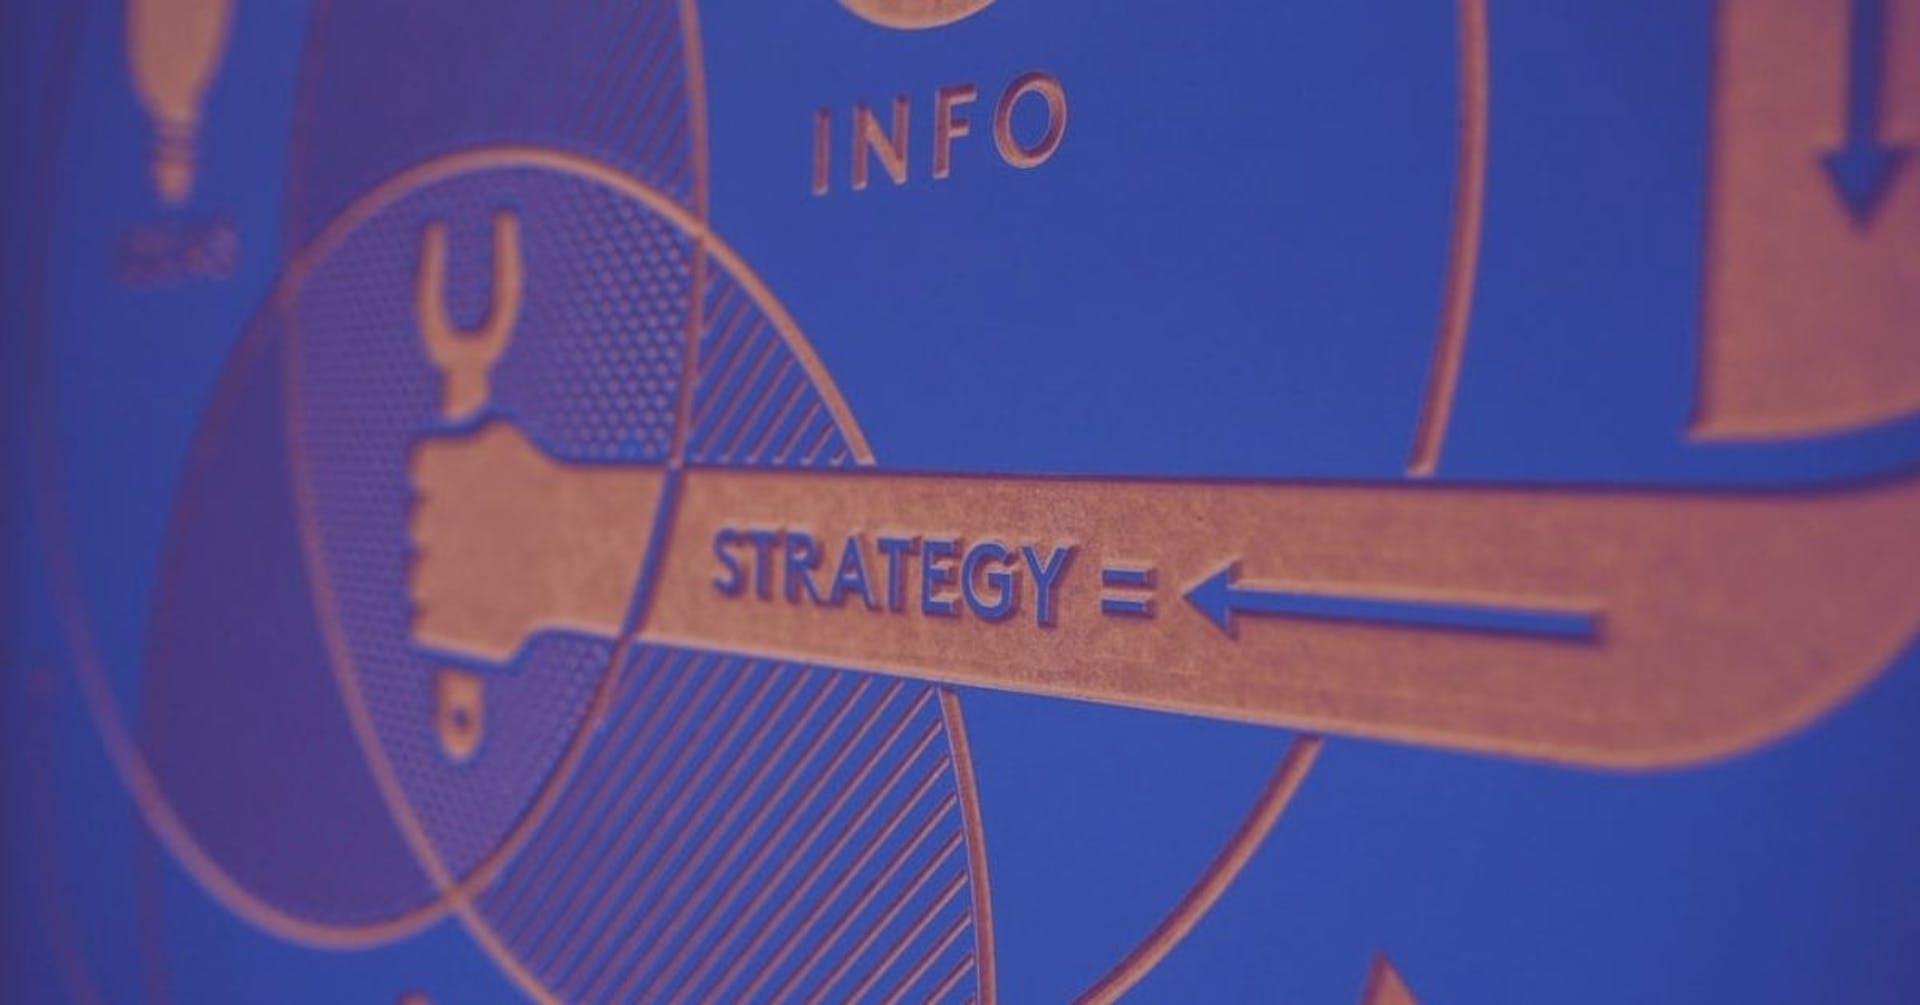 Matriz de Ansoff: Elige la mejor estrategia para crecer tu negocio